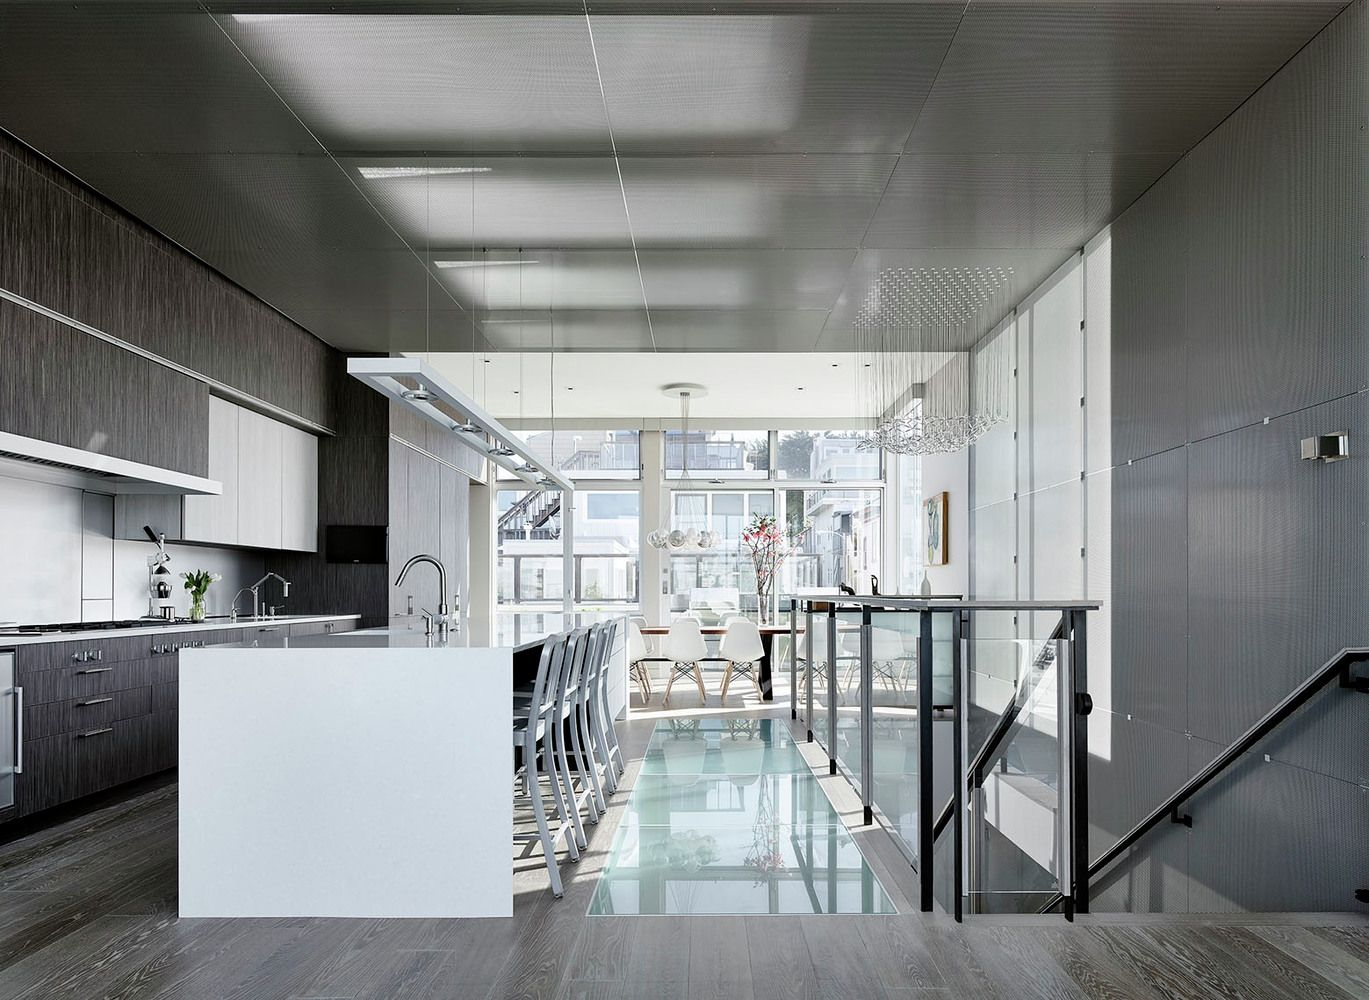 Gallery of Telegraph Hill / Feldman Architecture - 3 | Architecture ...